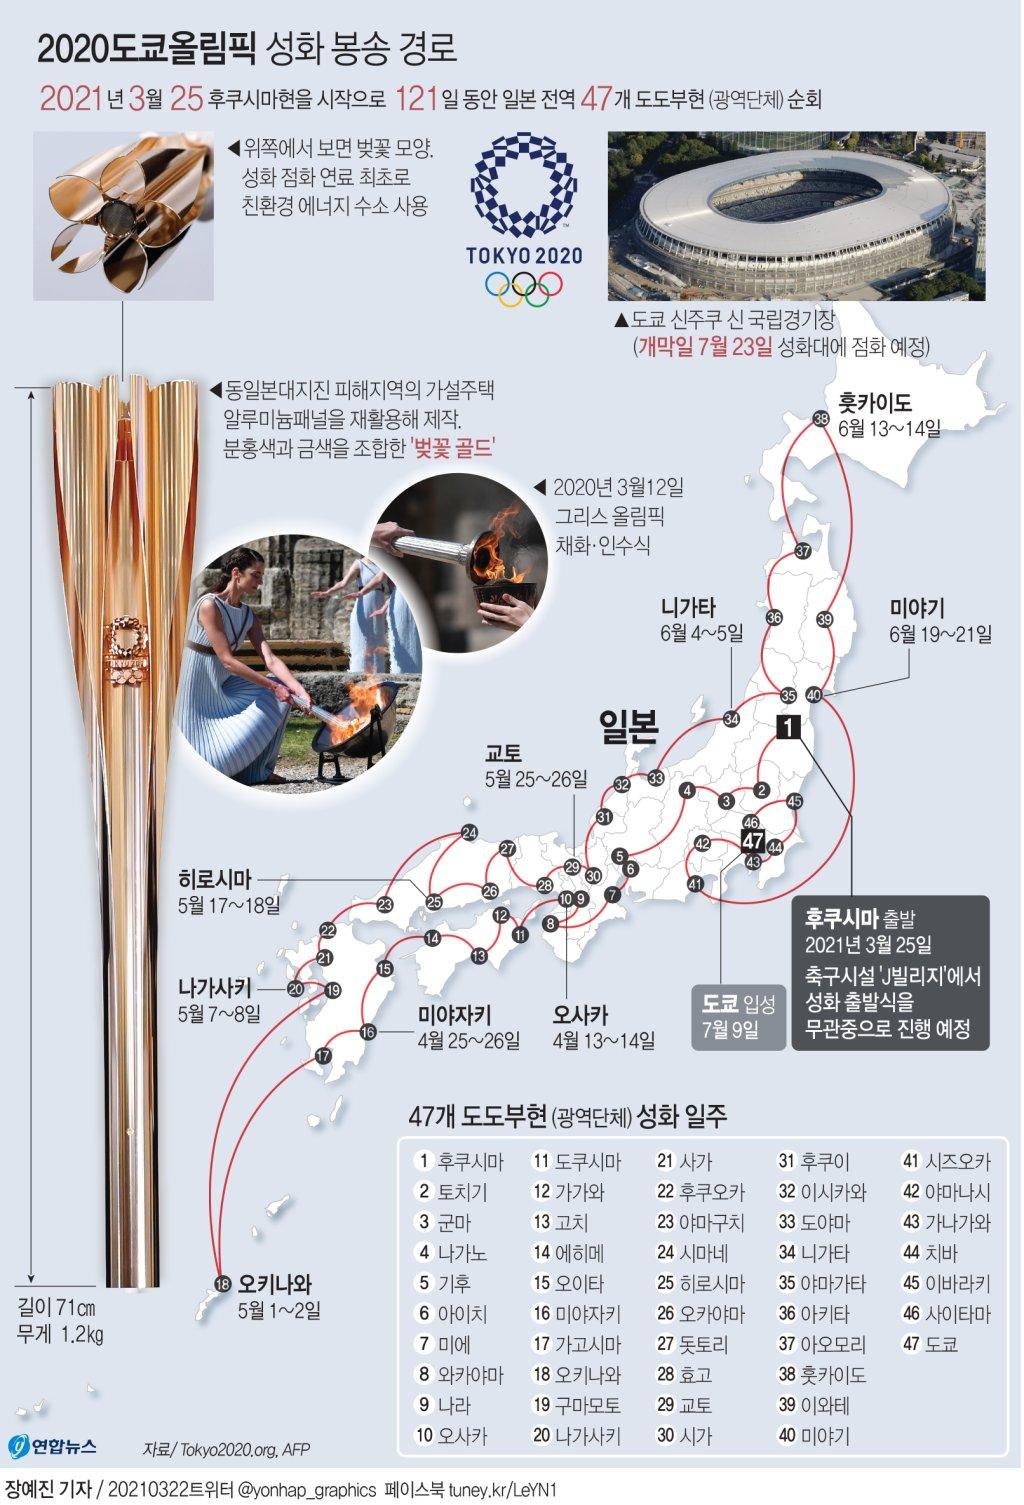 [그래픽] 2020도쿄올림픽 성화 봉송 경로